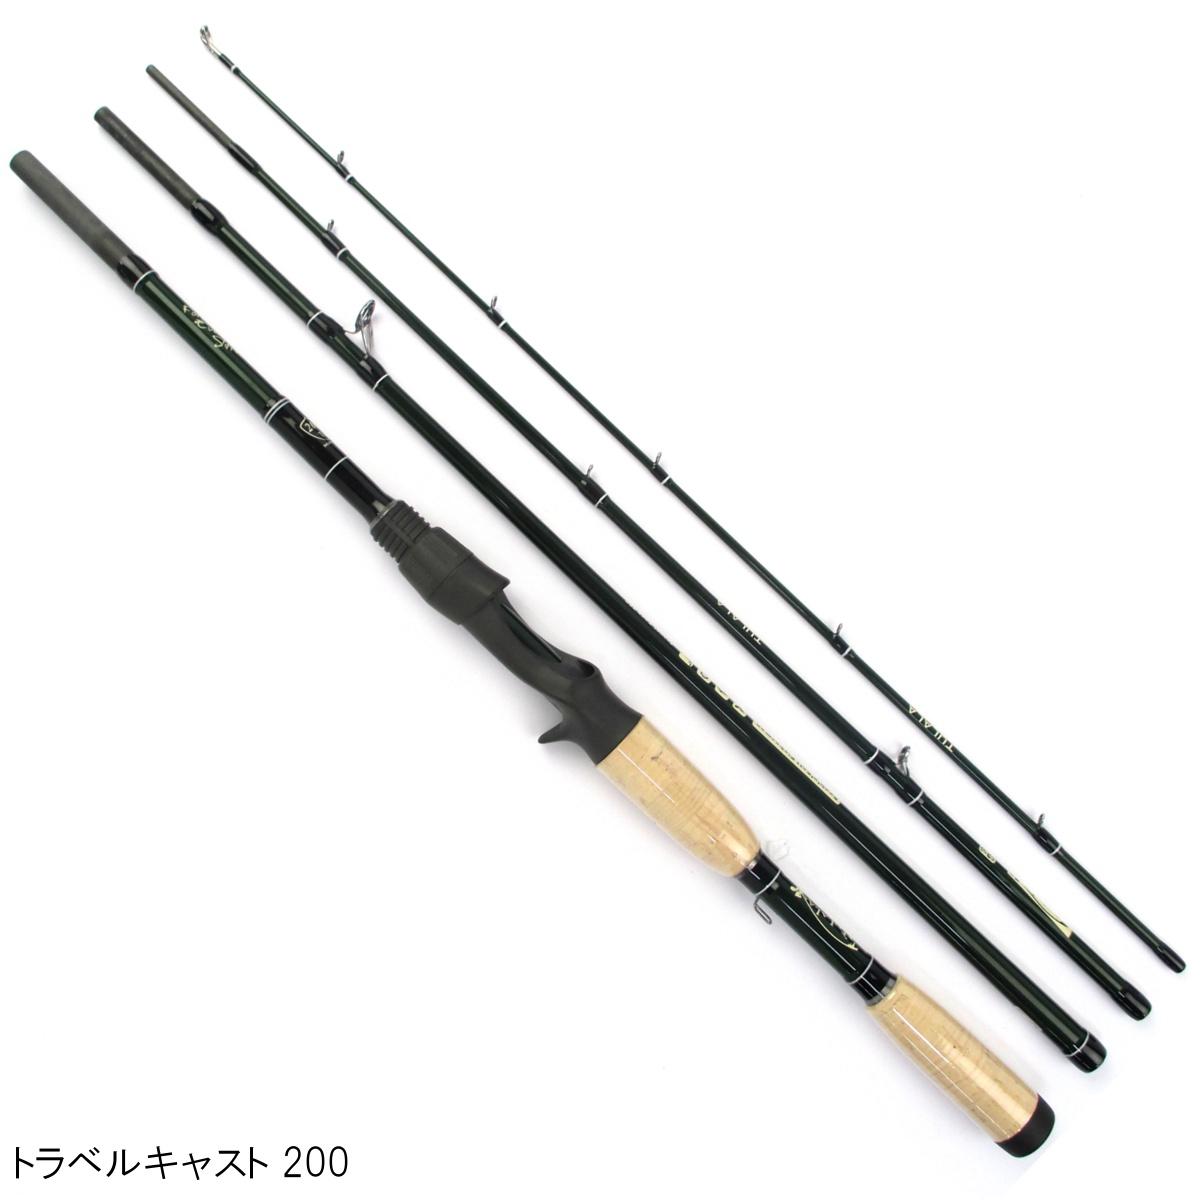 ツララ トラベルキャスト 200(東日本店)